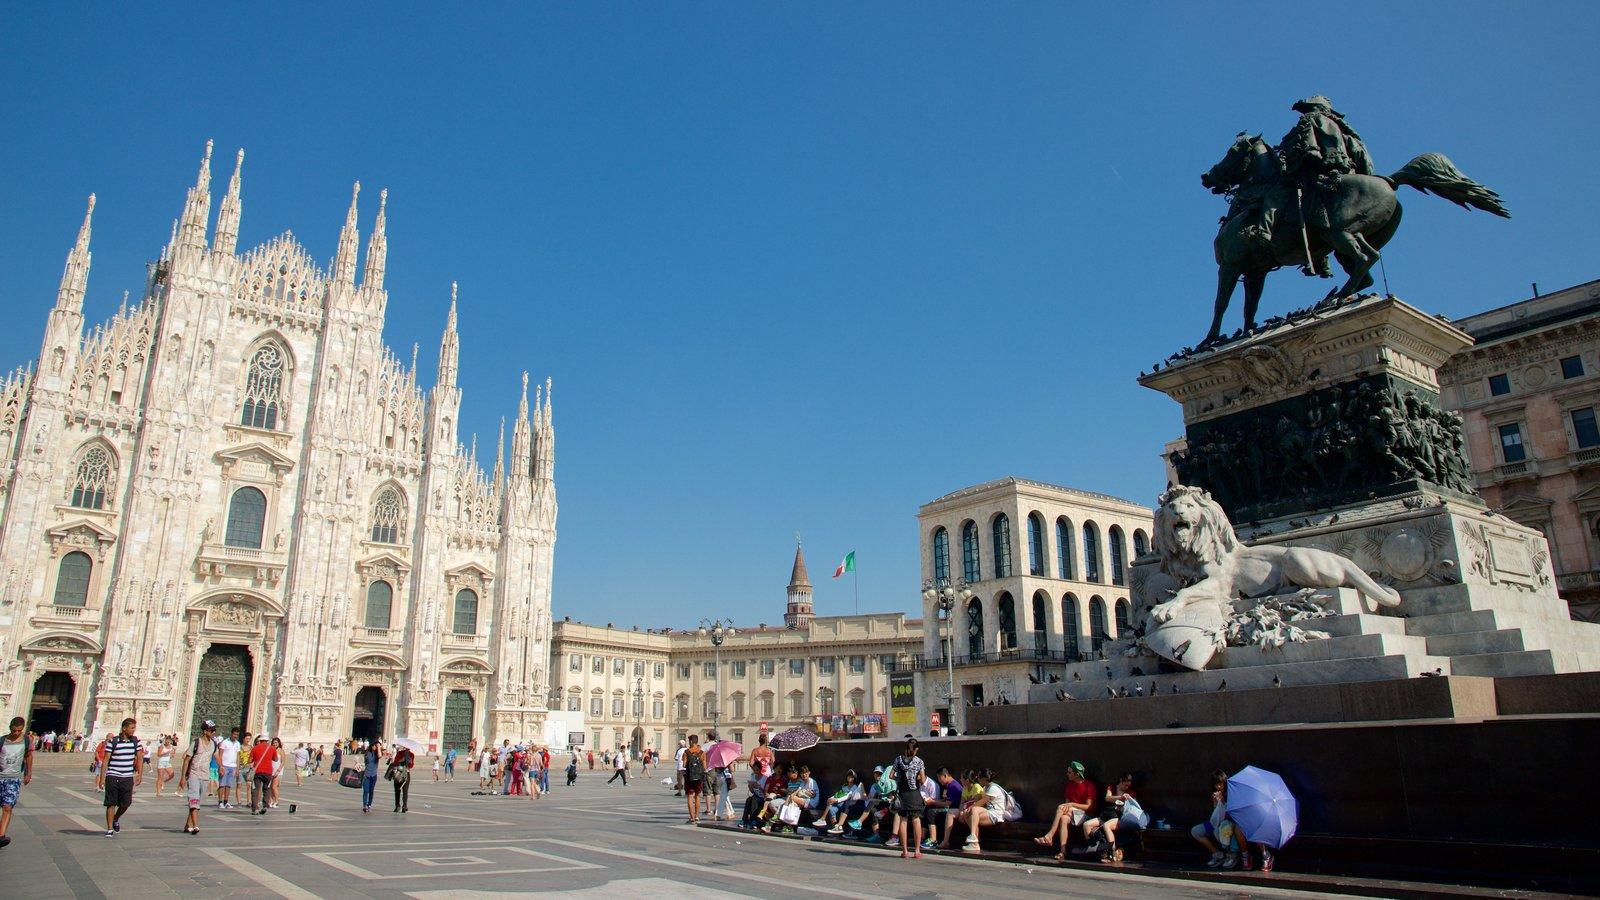 Hành trình khám phá Châu Âu 10N9Đ - Quảng trường Piazza del Duomo